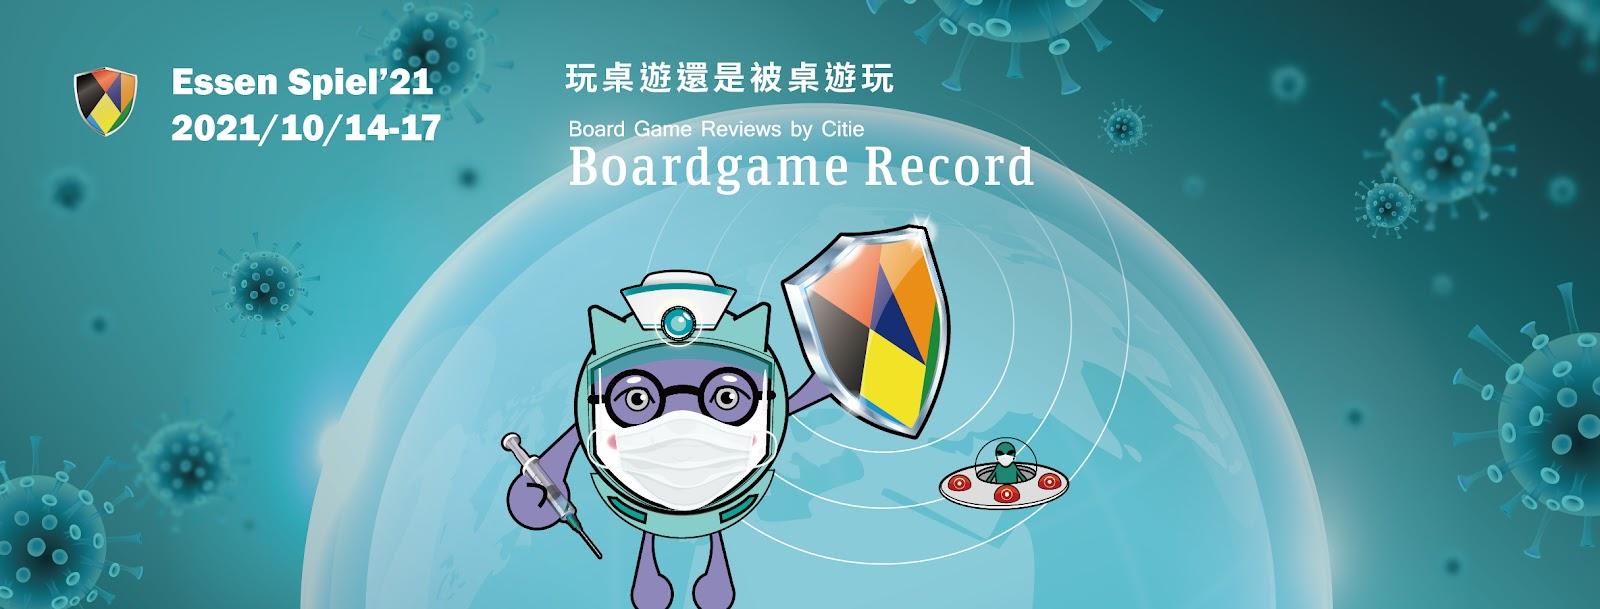 玩桌遊還是被桌遊玩 Board Game Record